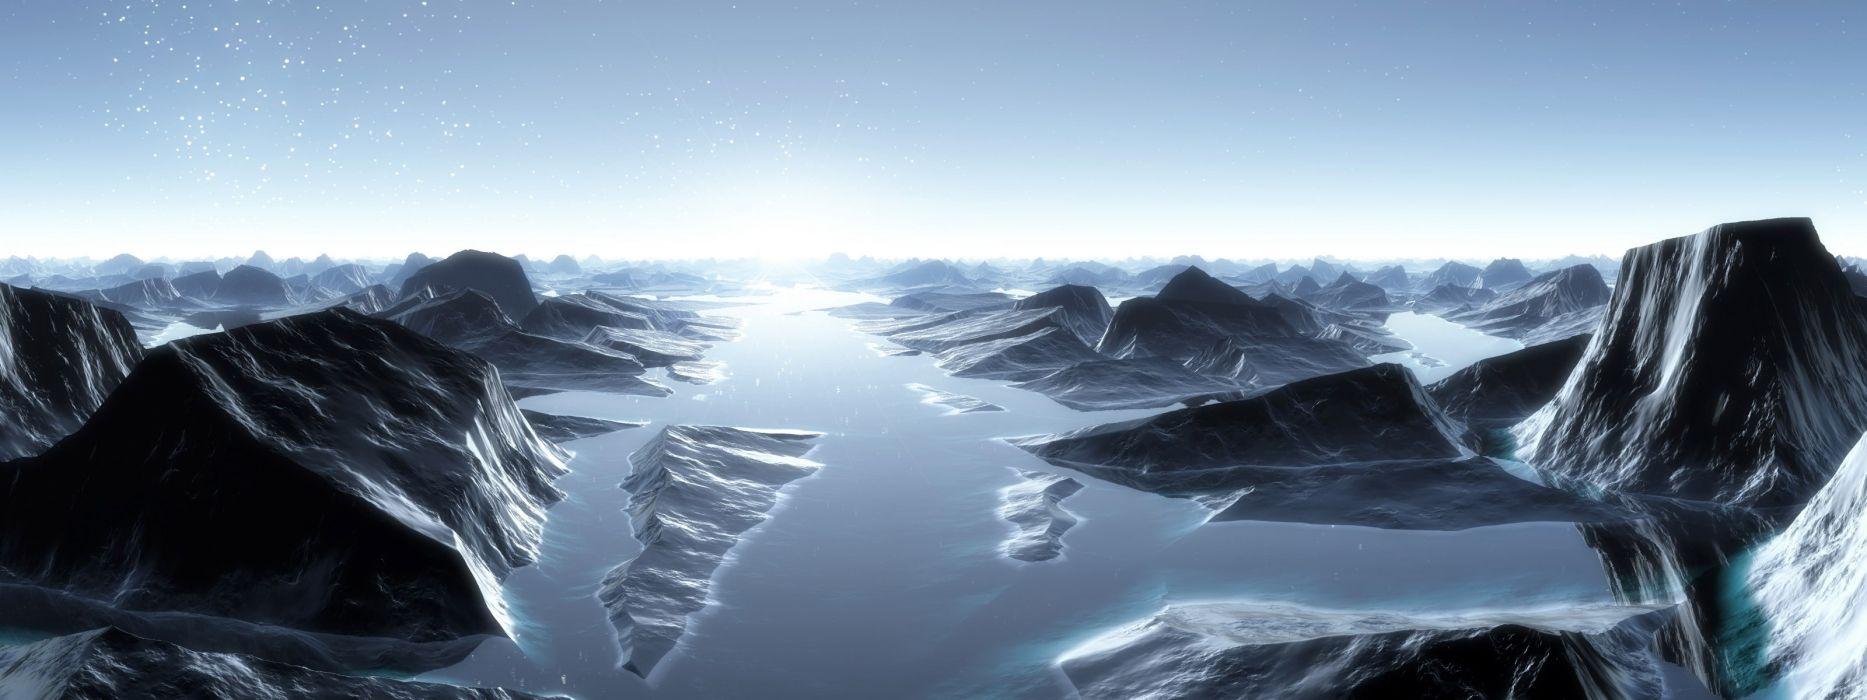 landscapes CGI wallpaper